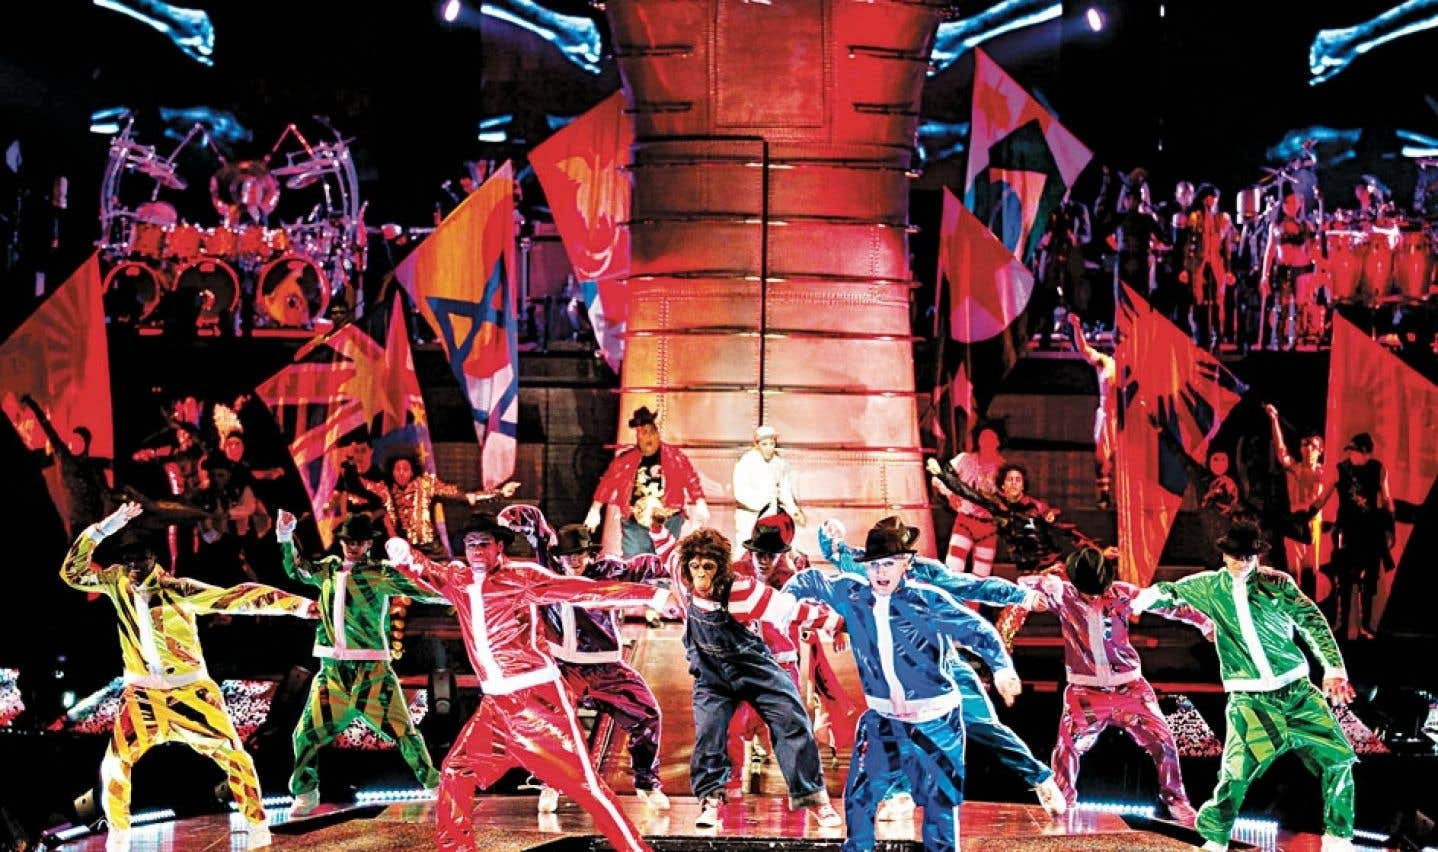 Les arts du cirque québécois ont connu une année 2012 faste… et mouvementée